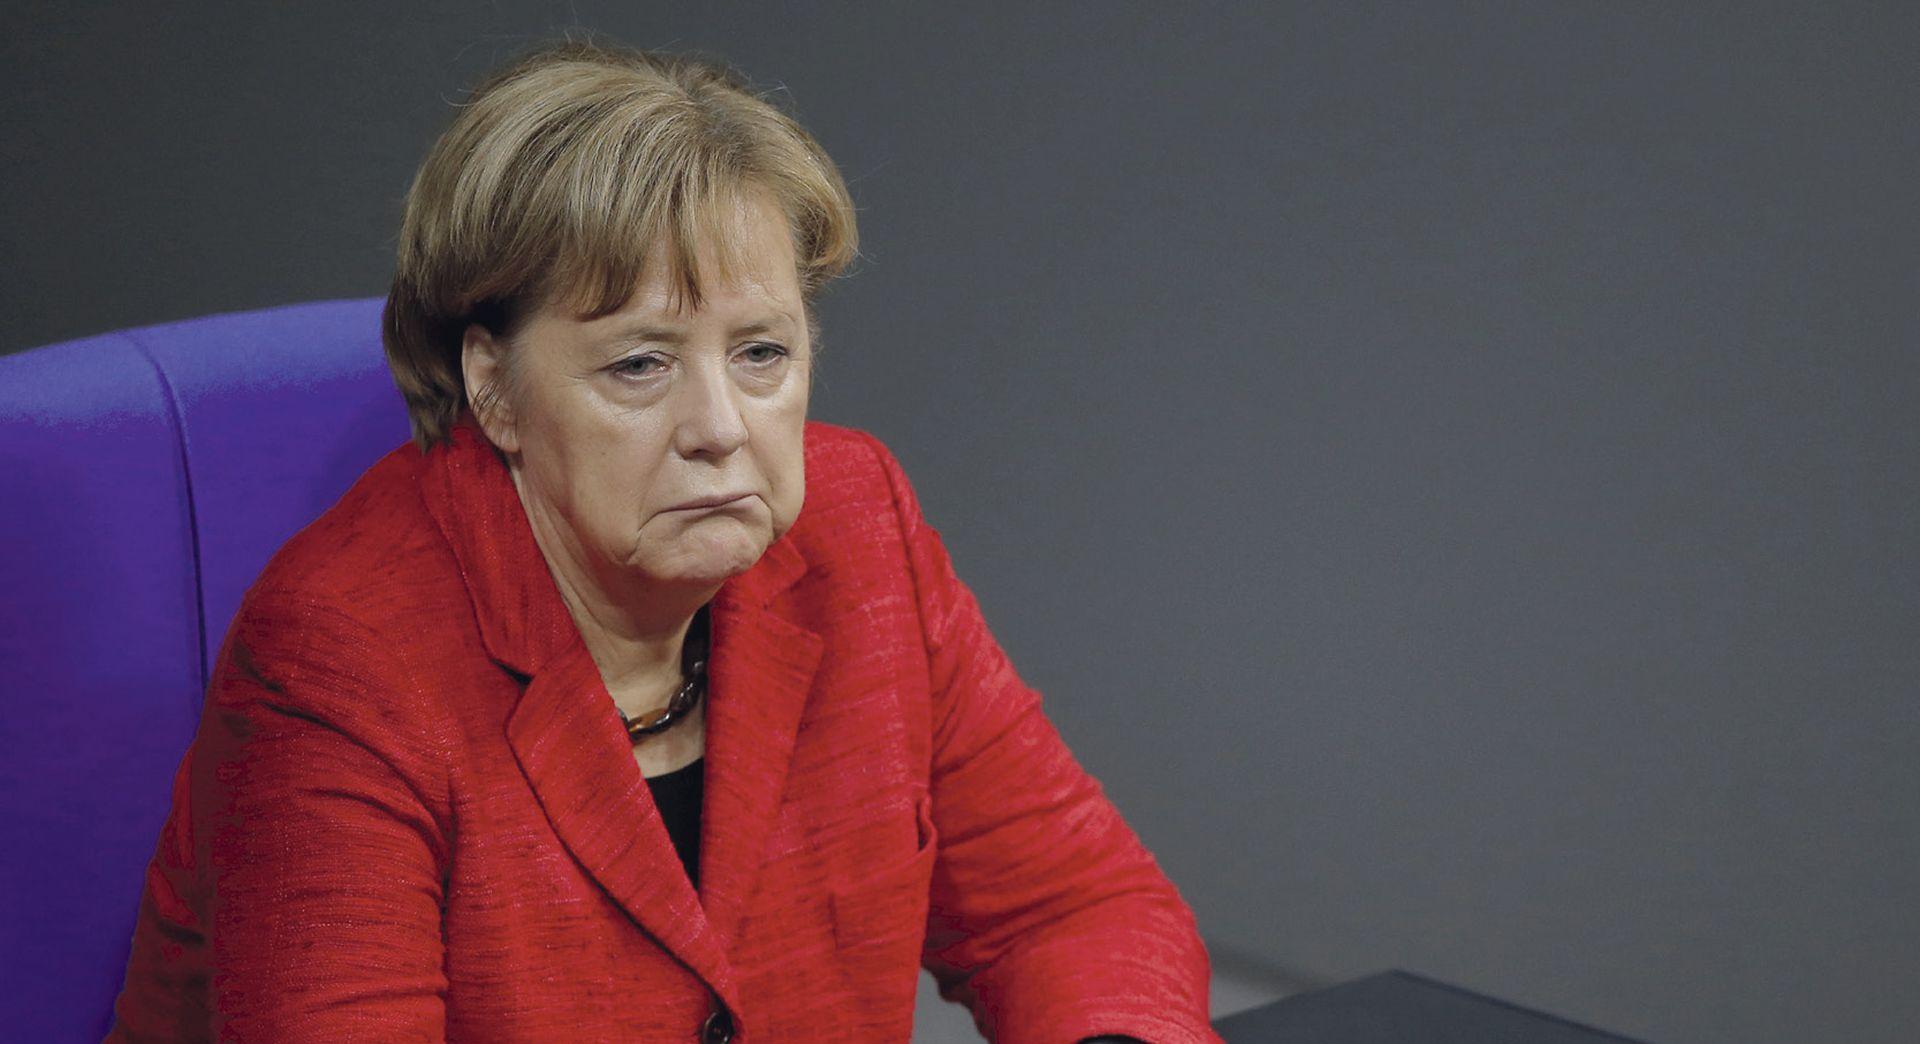 ZAOKRET ANGELE MERKEL prema ljevici zabrinuo njemačke gospodarstvenike